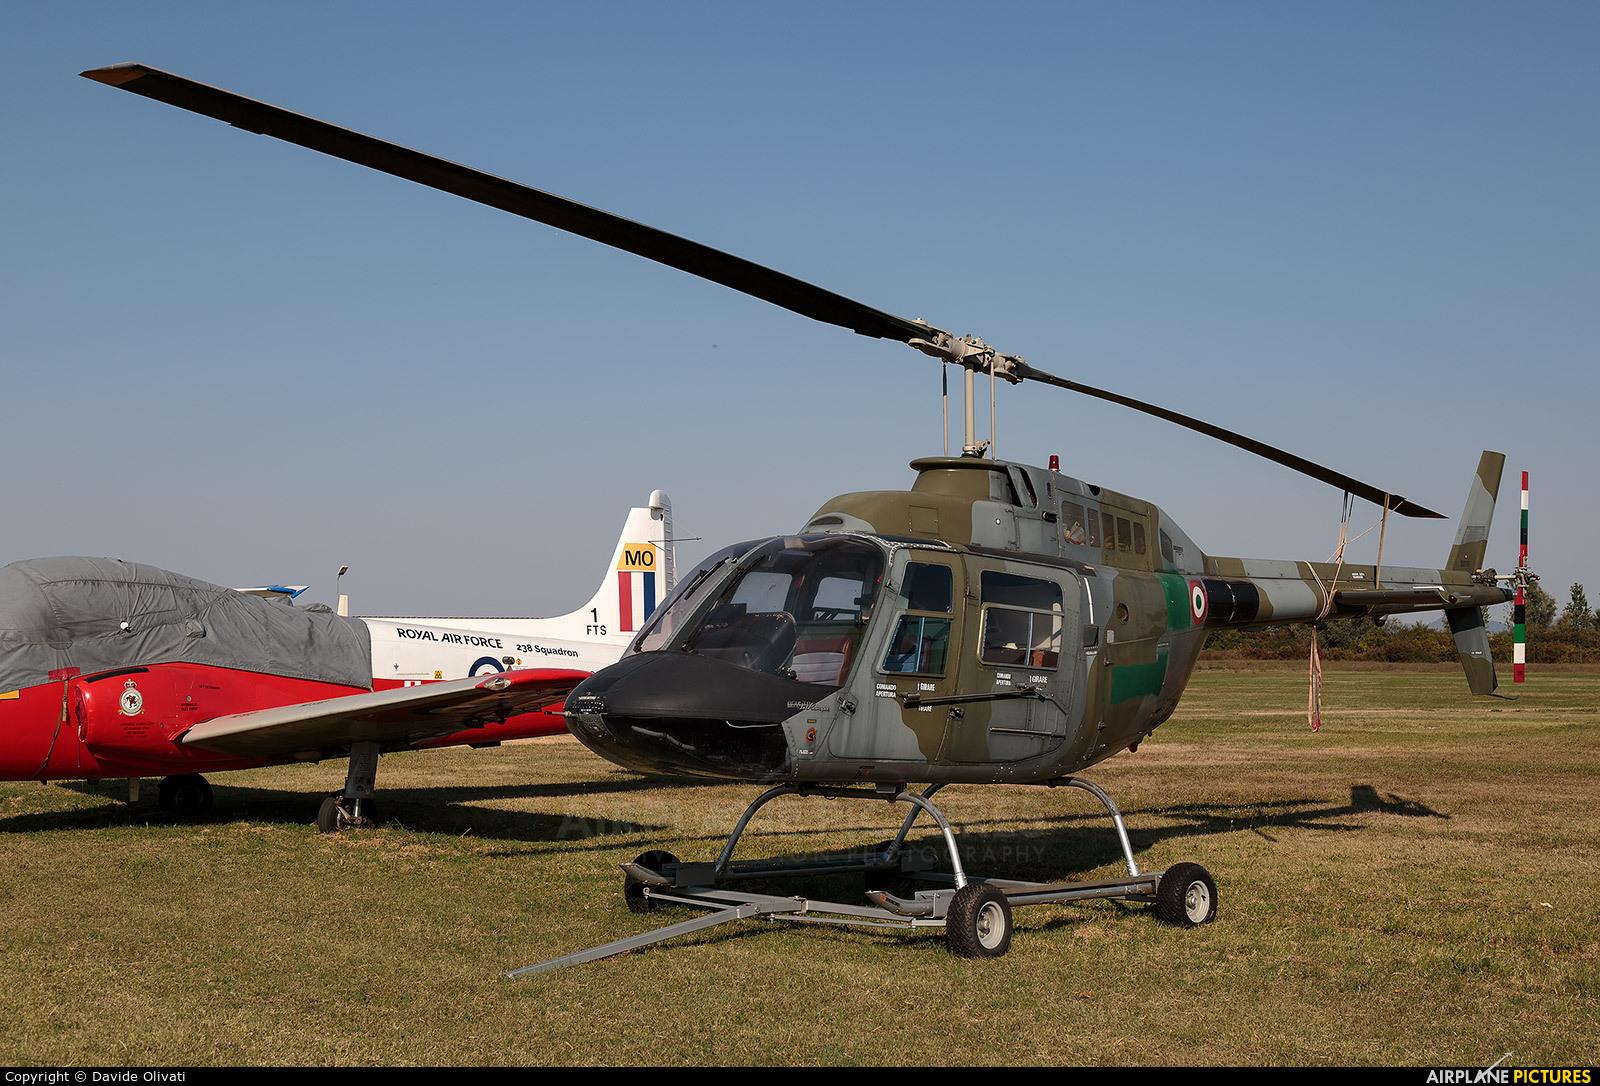 Italy - Army MM aircraft at Montagnana